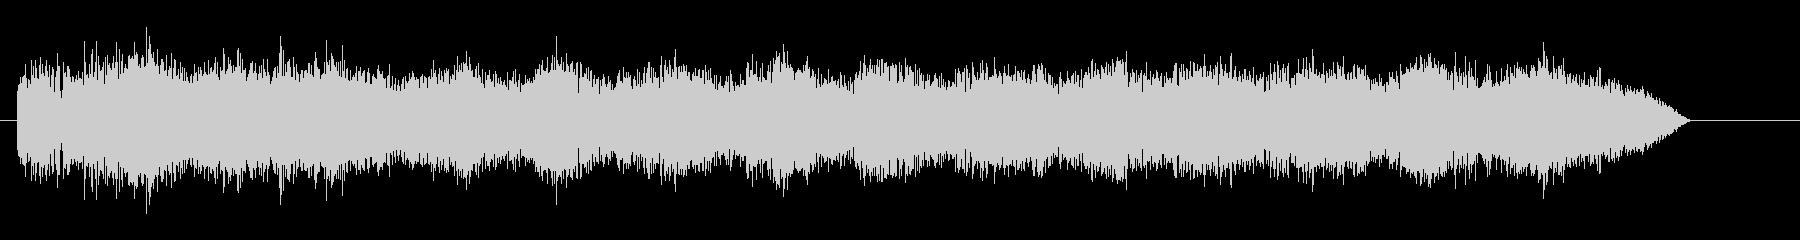 シンセスタブ付きドローン電子音ドローンの未再生の波形